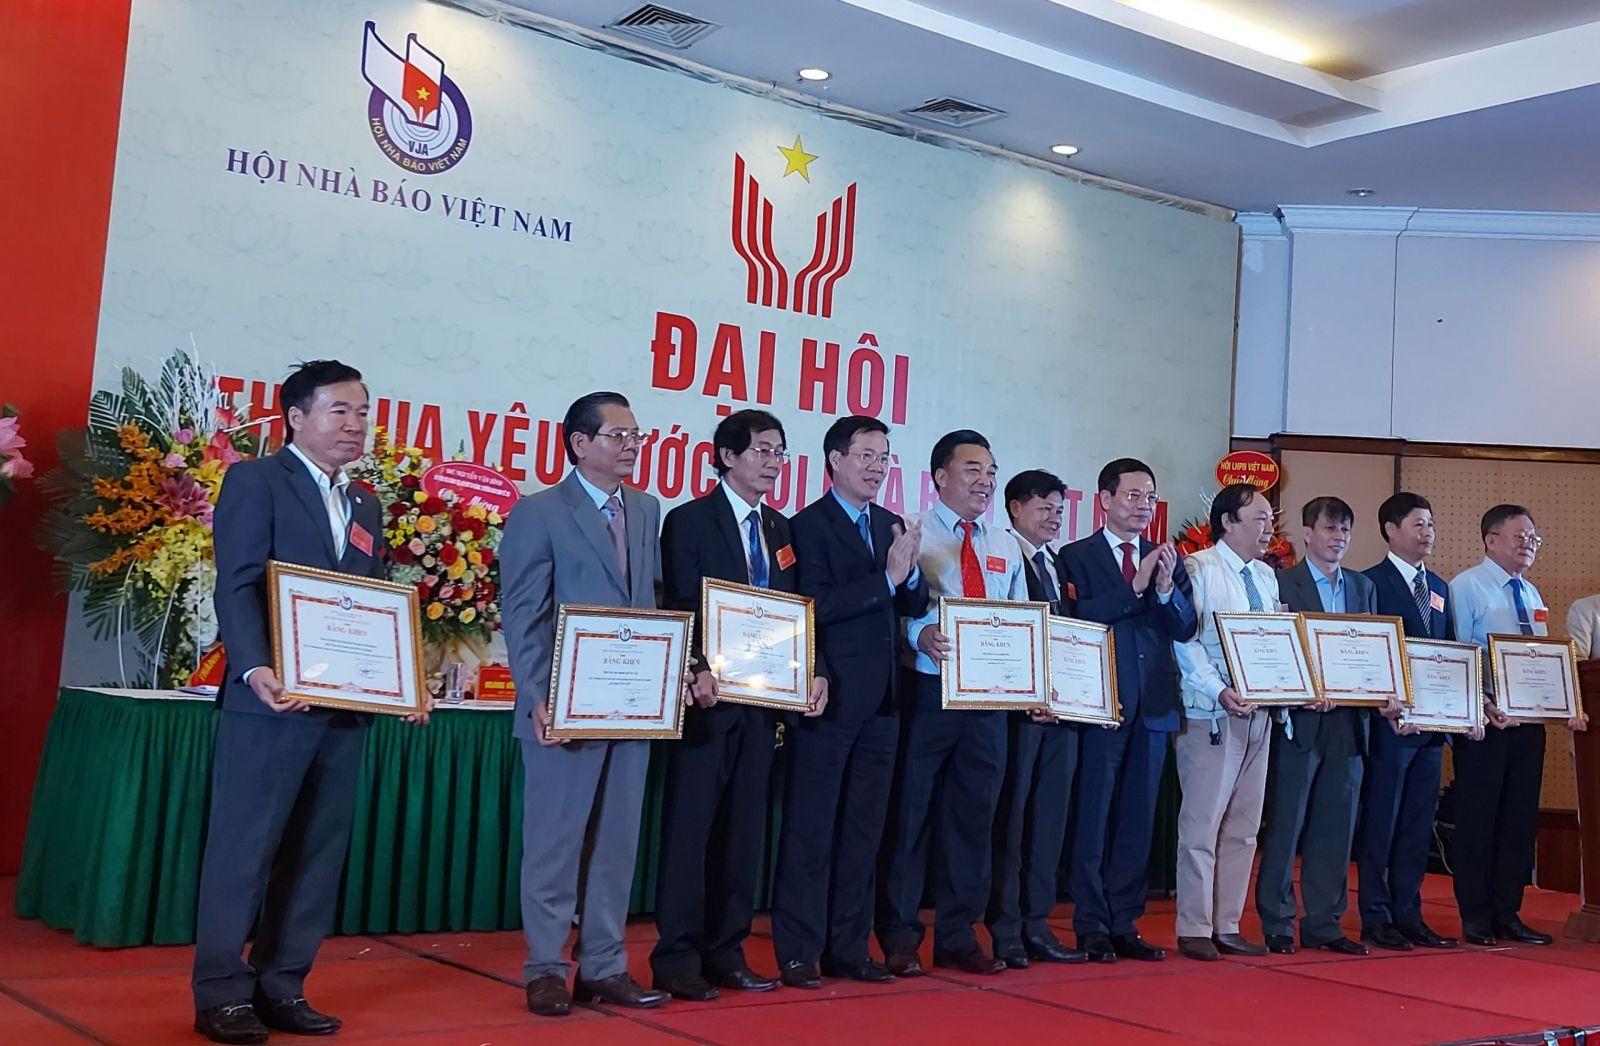 Các tập thể, cá nhân nhận bằng khen của Hội Nhà báo Việt Nam vì có thành tích xuất sắc trong phong trào thi đua yêu nước giai đoạn 2015-2020